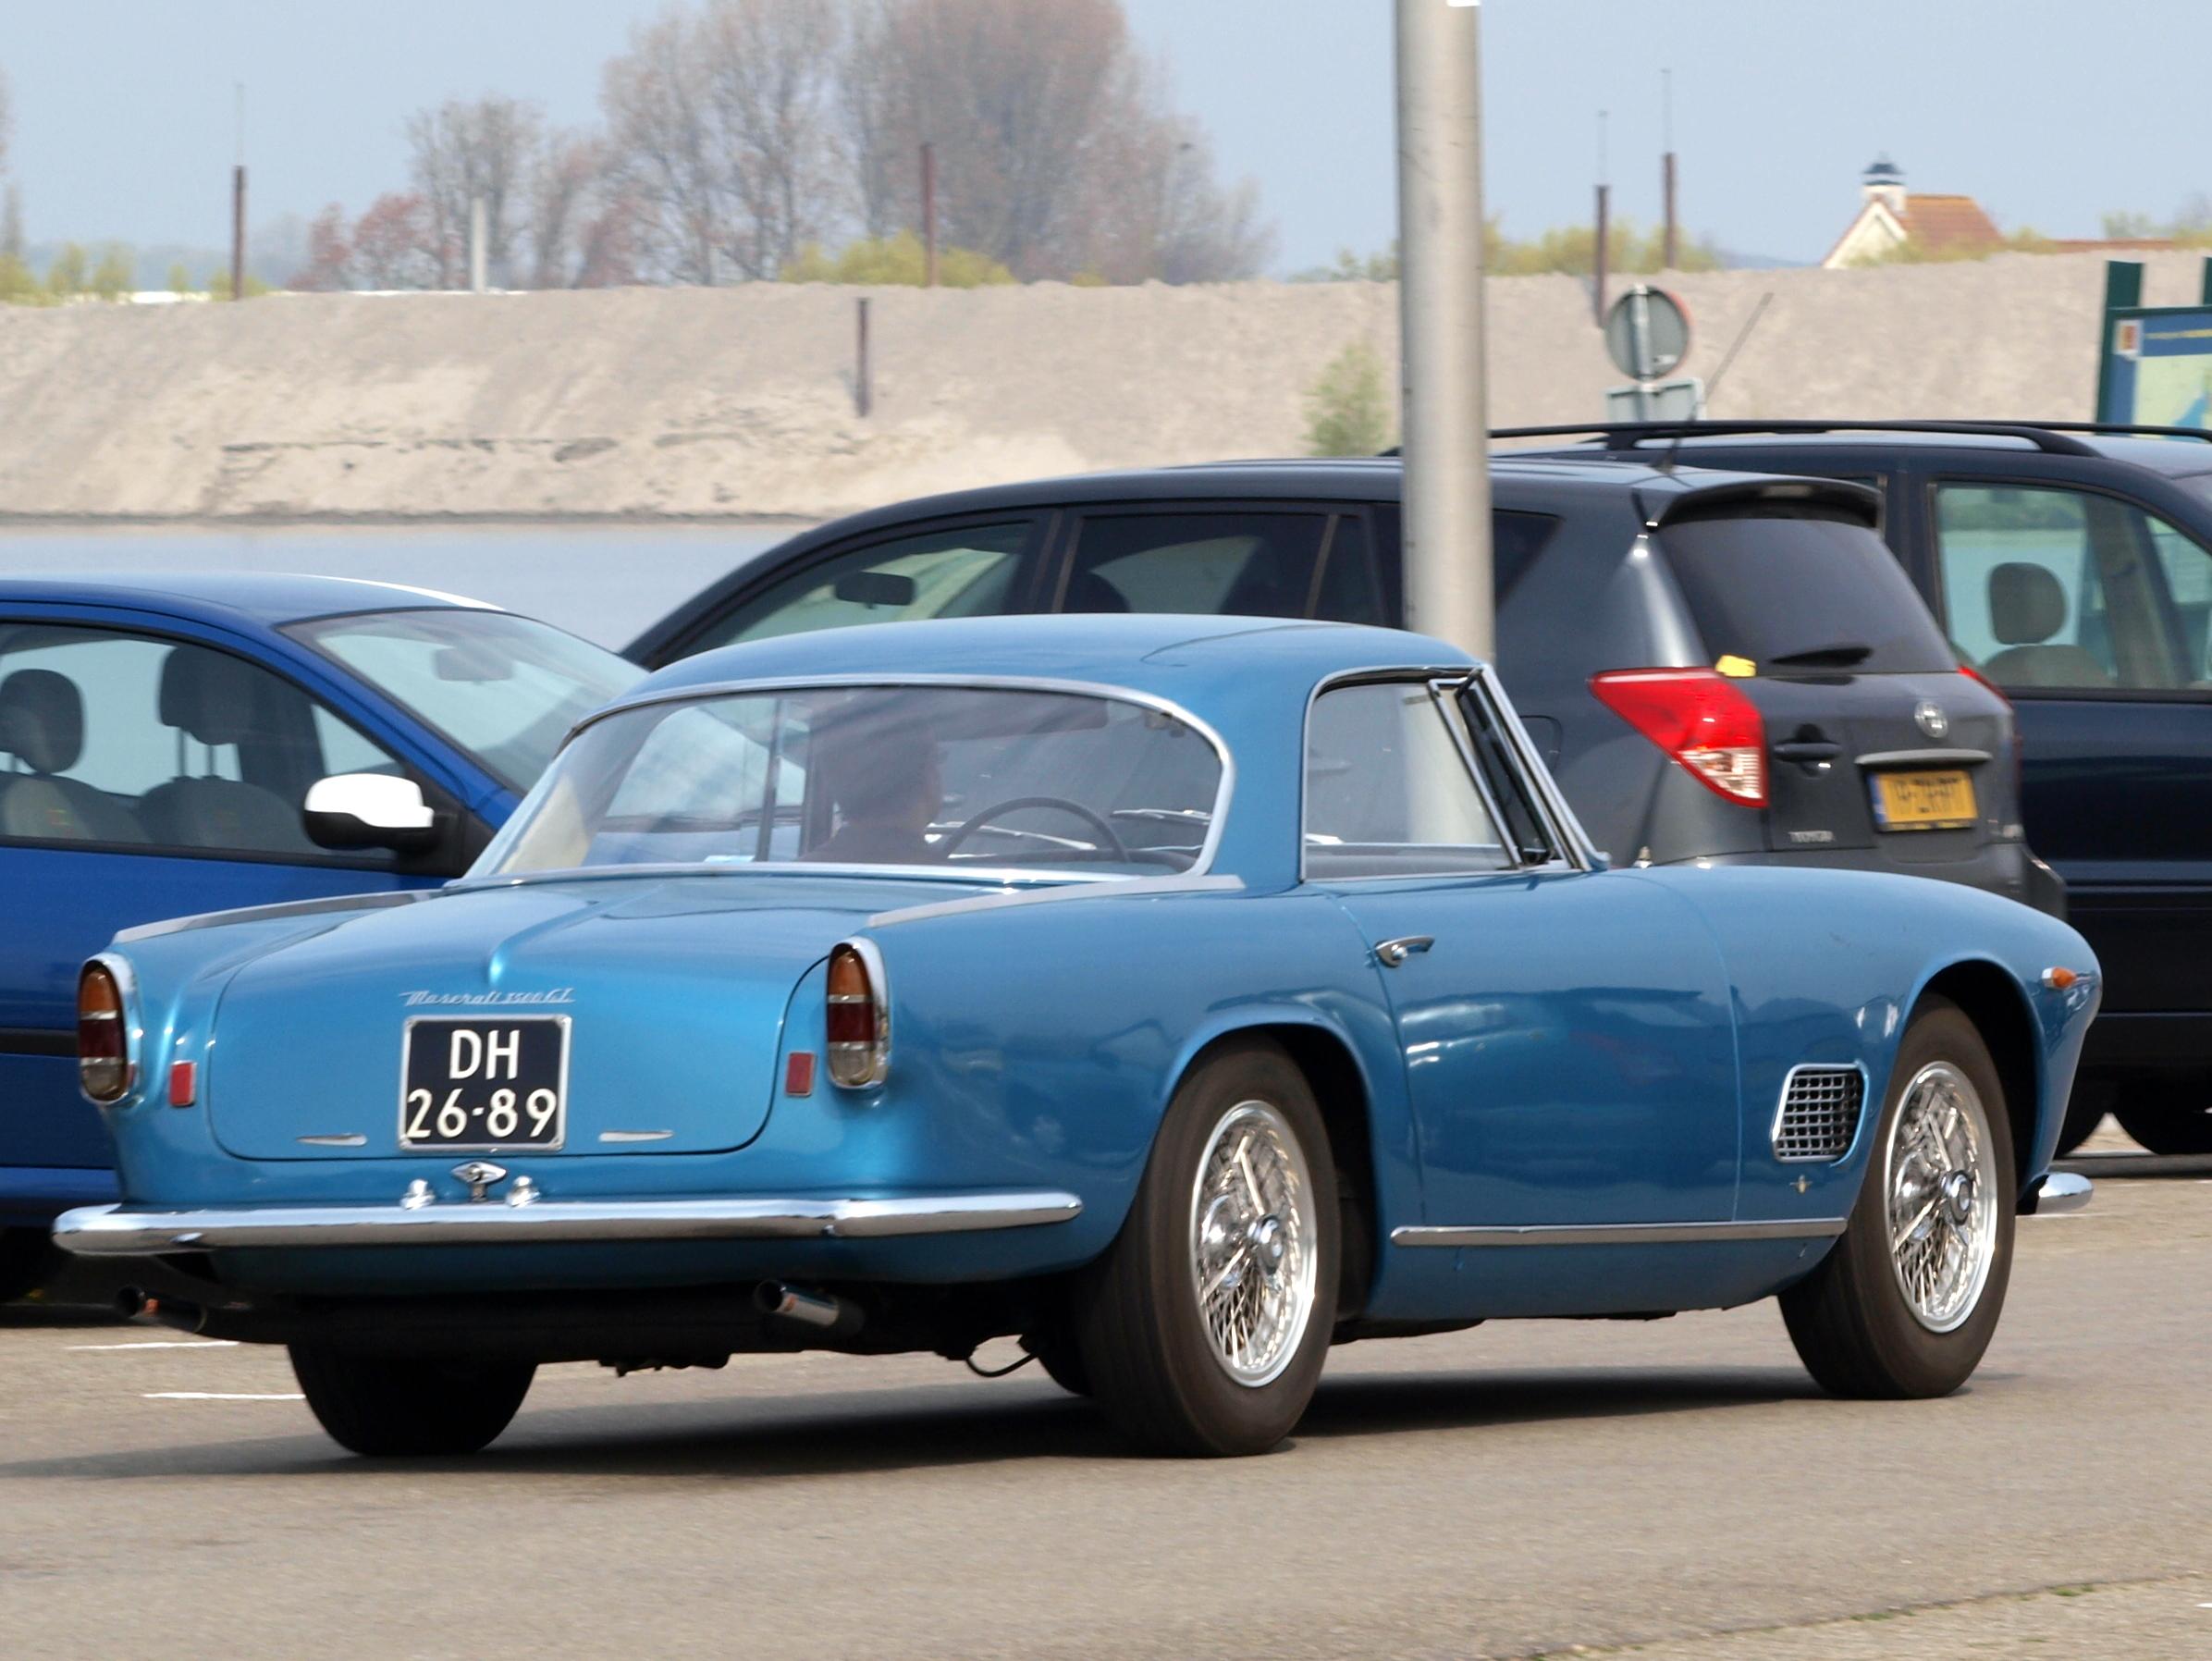 1965 maserati sebring information and photos momentcar - 1960 Maserati 3500 Information And Photos Momentcar